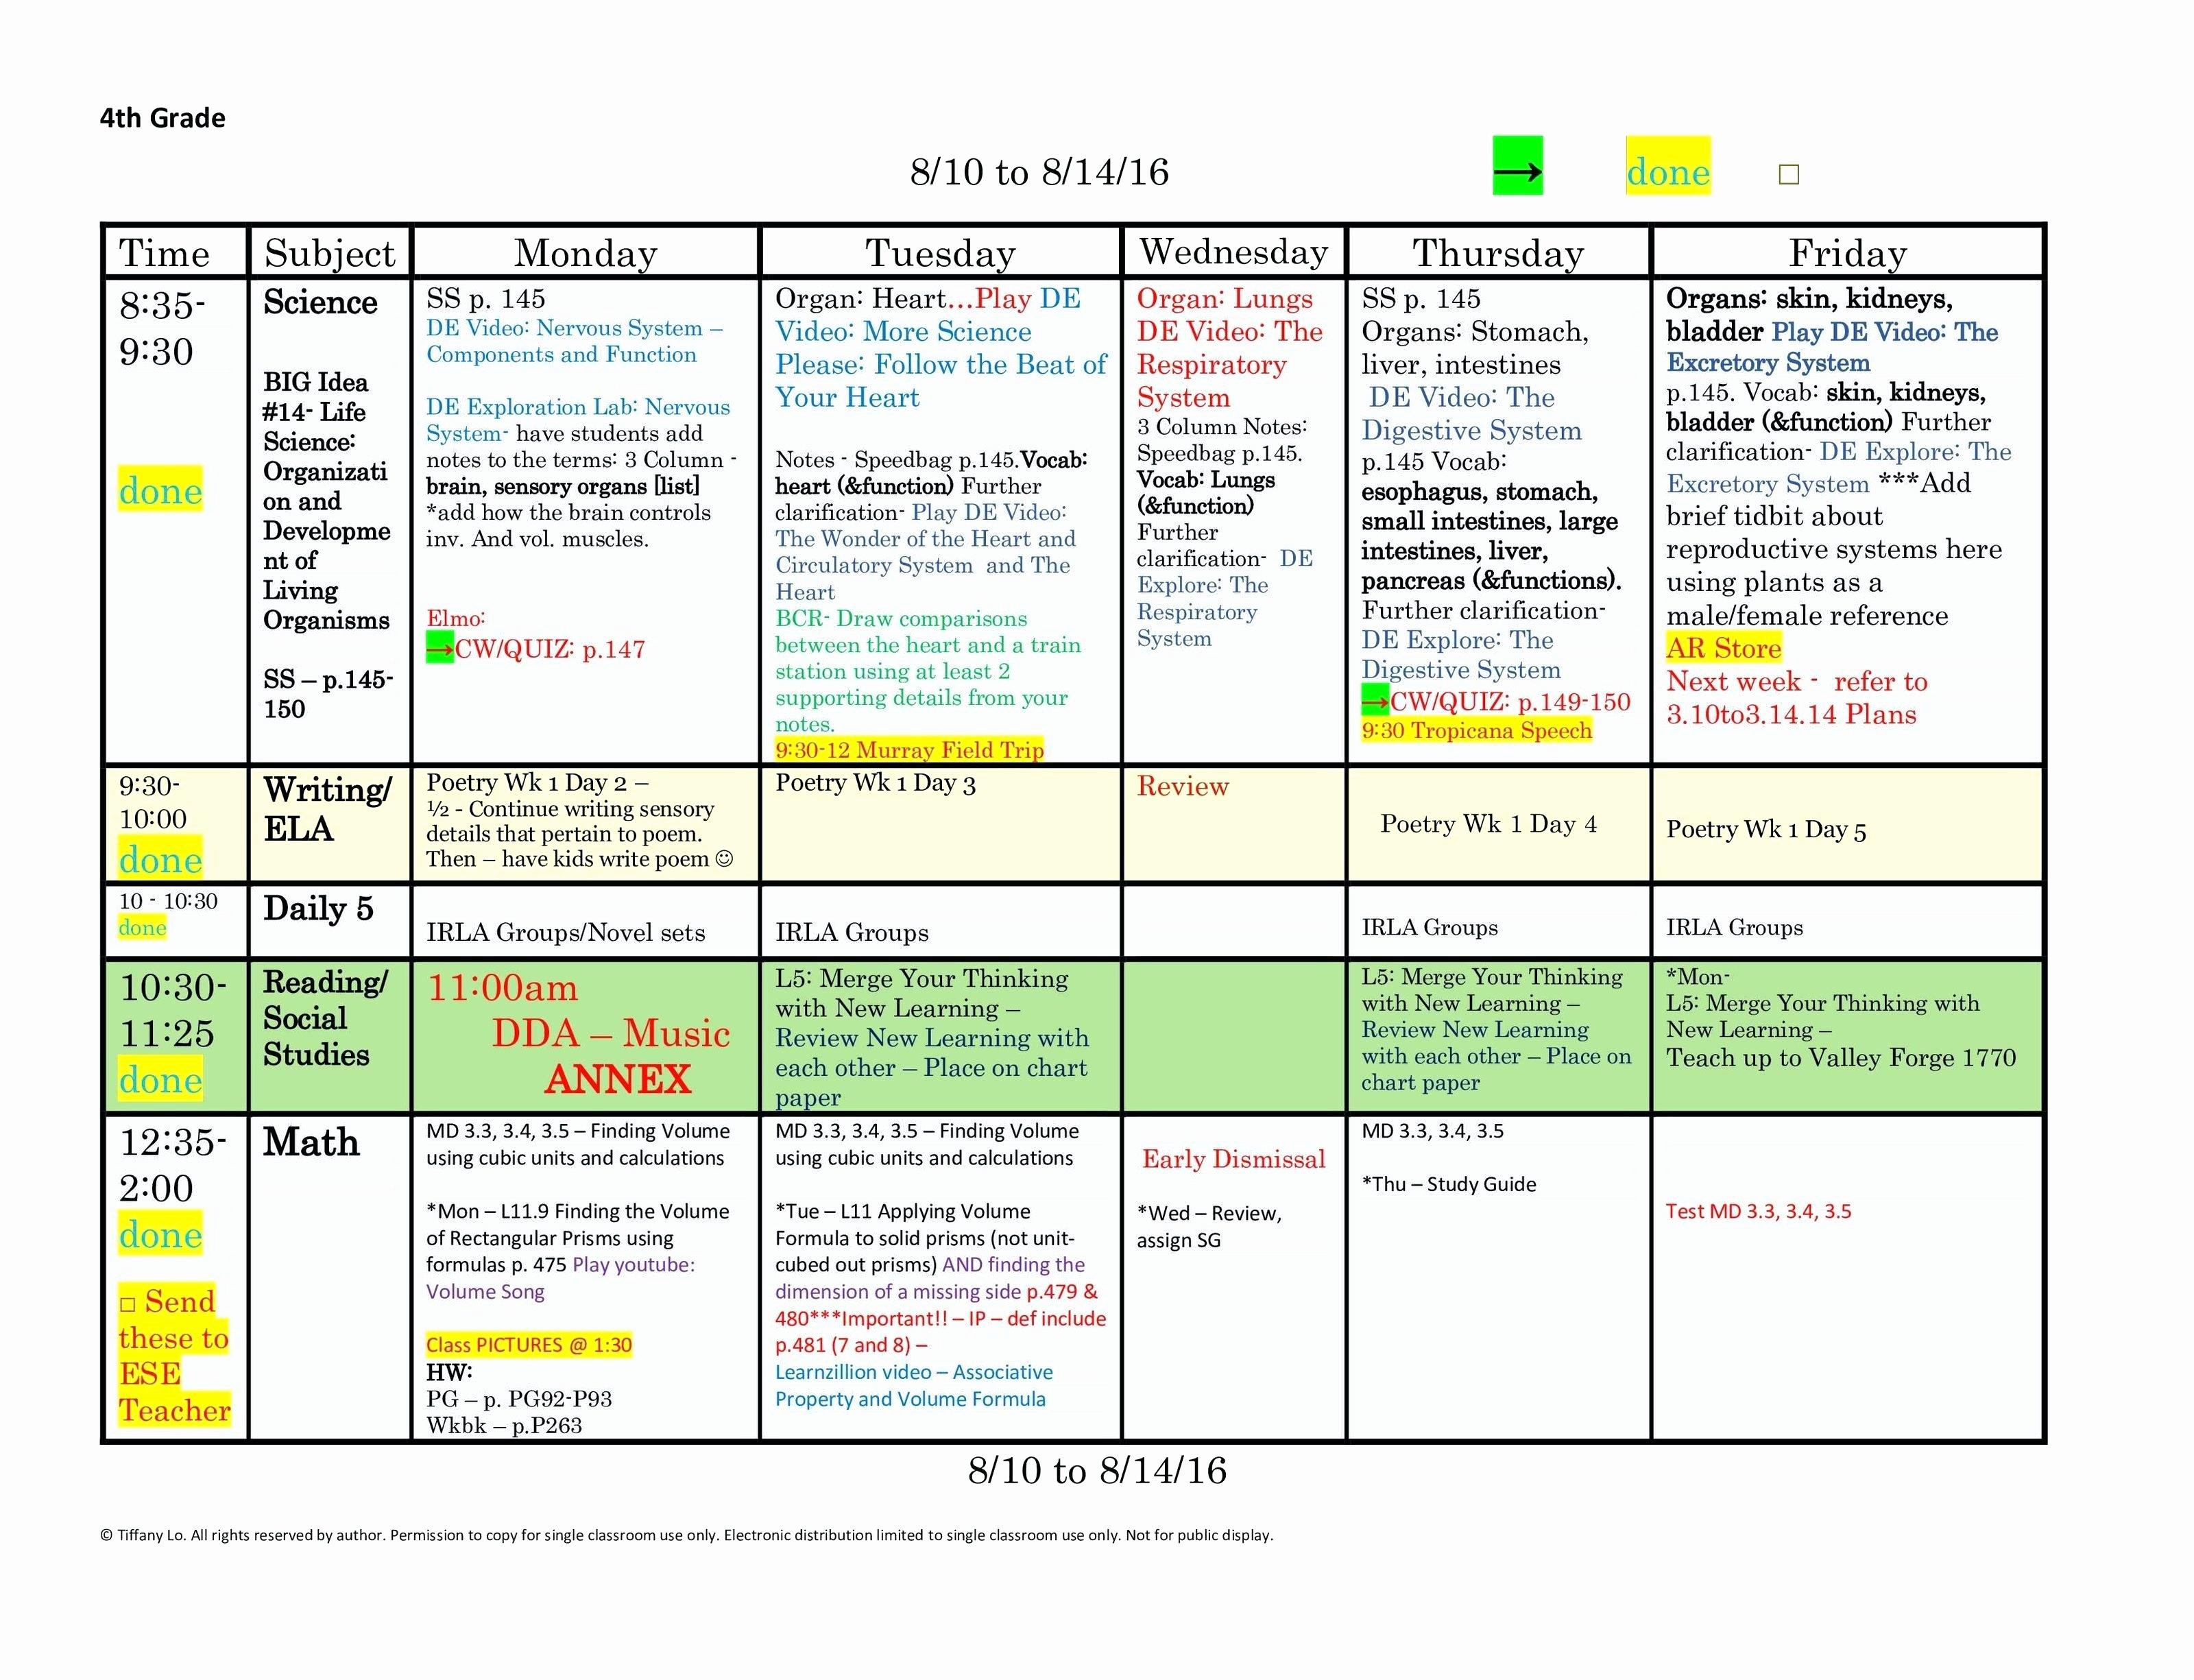 5th Grade Lesson Plan Template Beautiful 5th Grade Reading Lesson Plans Mon Core